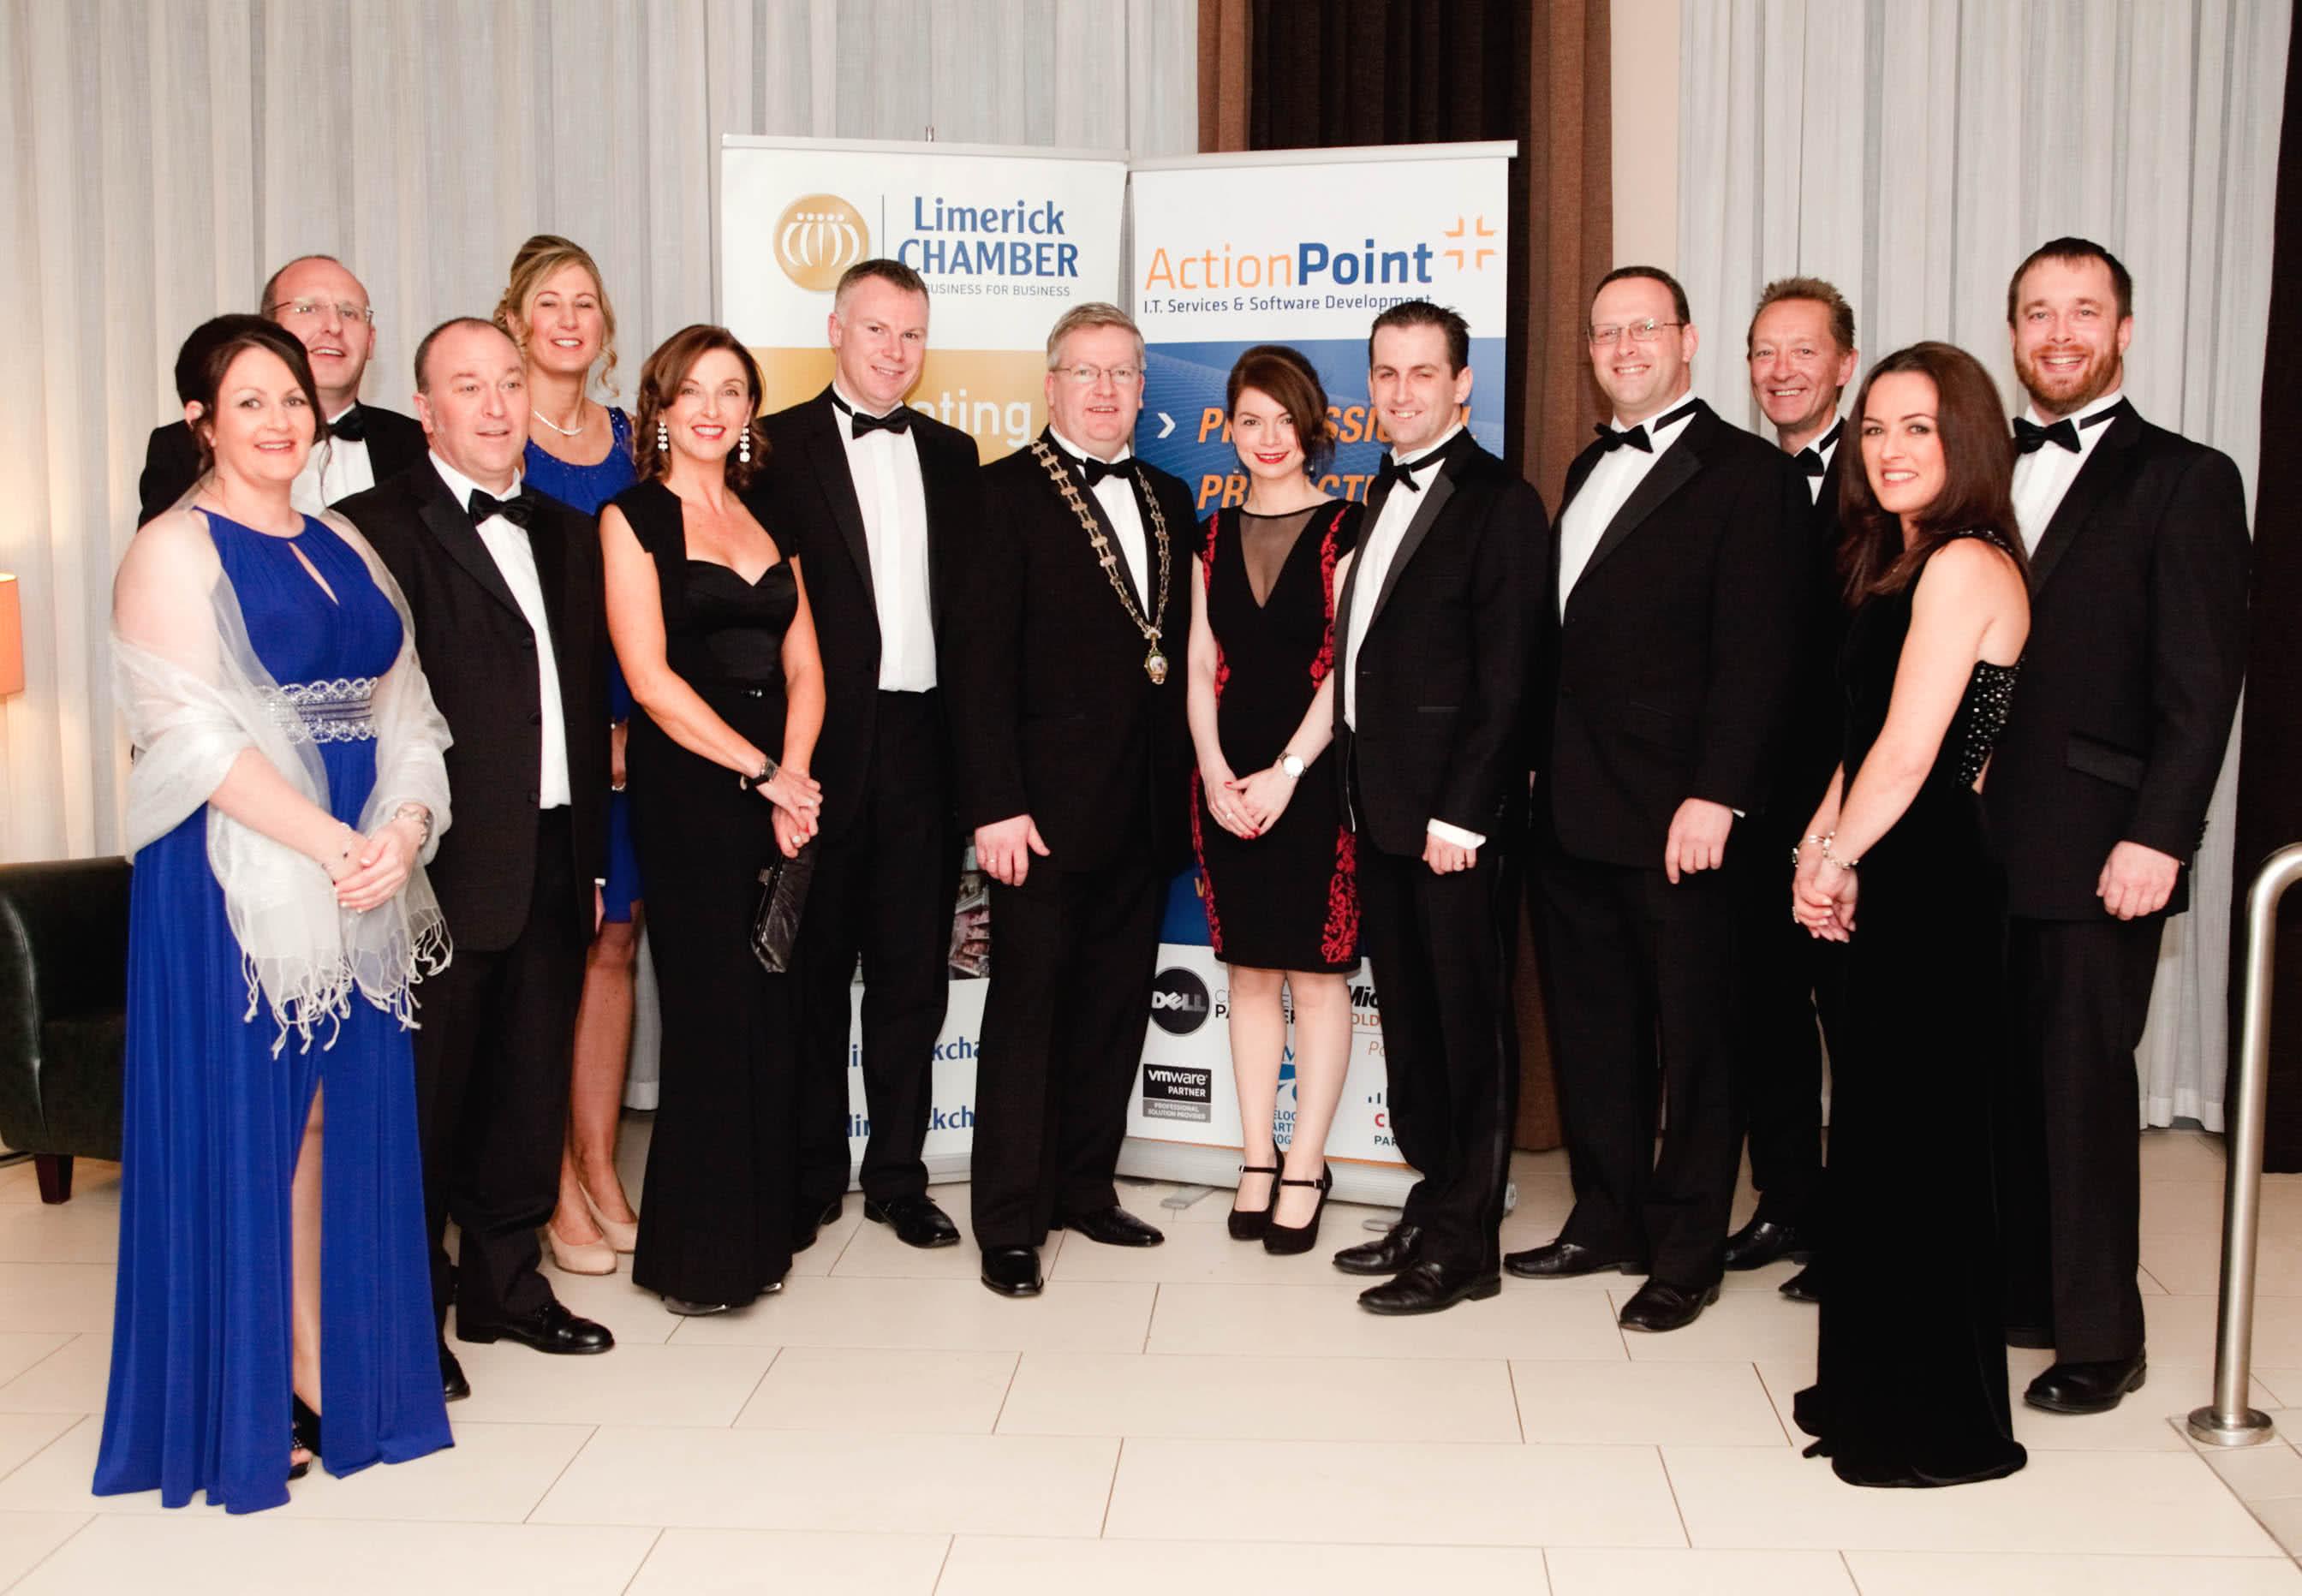 Action Point sponsor Limerick Chamber Awards